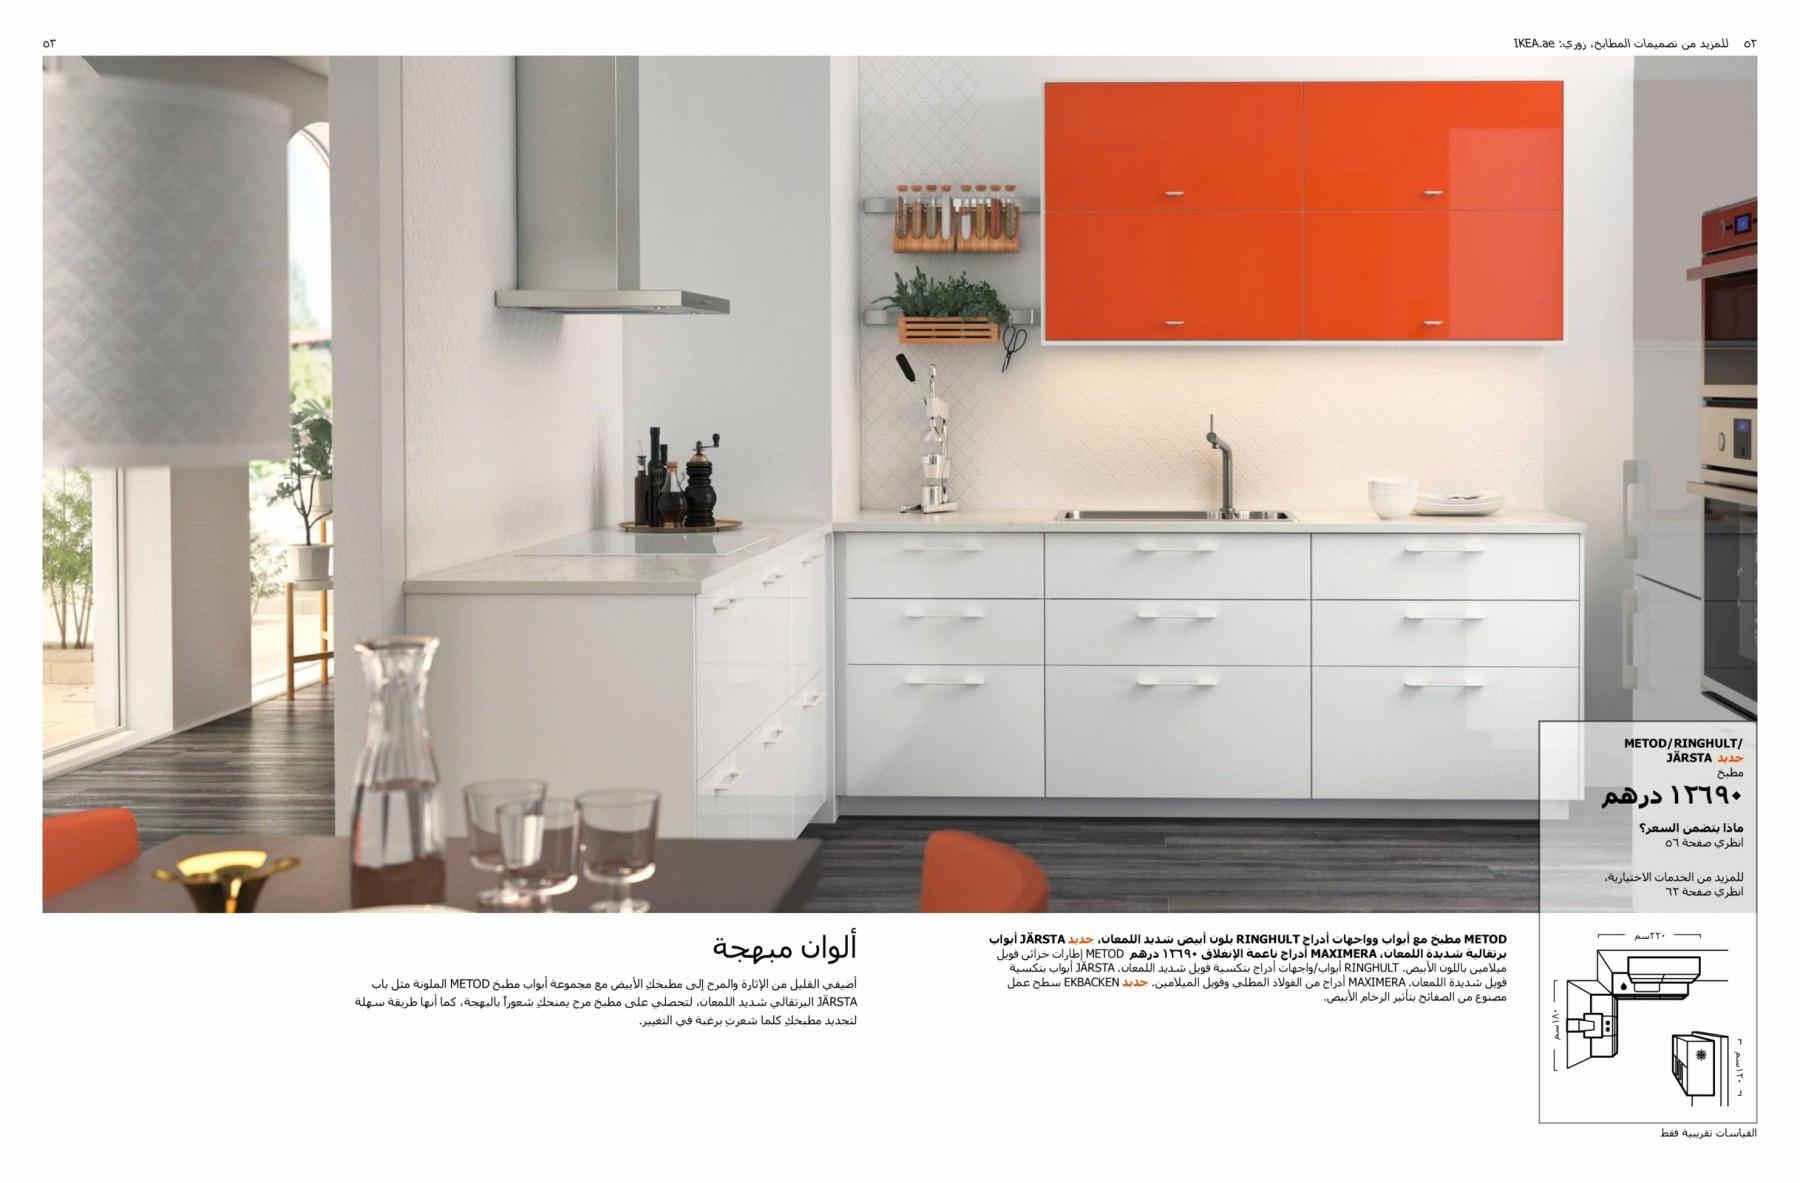 Cuisine Ikea Ringhult Blanc Brillant Avis Meilleur De Images Ides Dimages De Voxtorp Blanc Brillant 2018